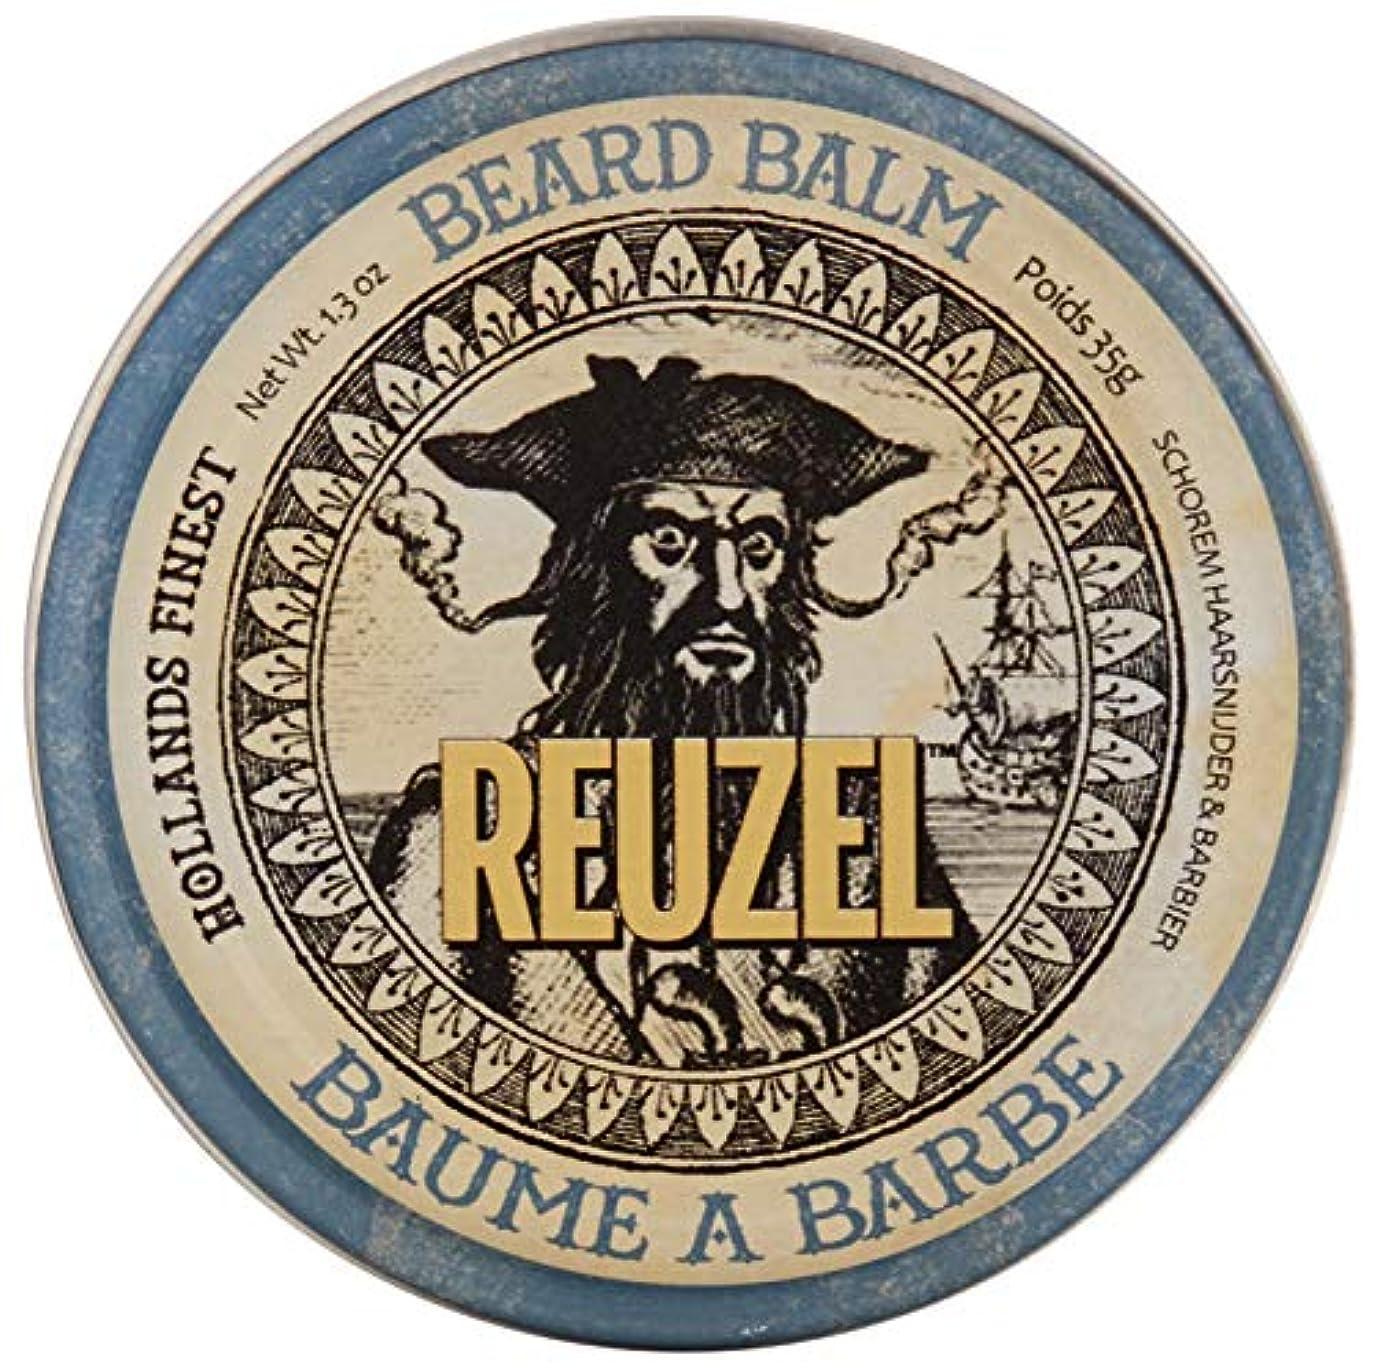 アフリカカビ不安定なreuzel BEARD BALM 1.3 oz by REUZEL